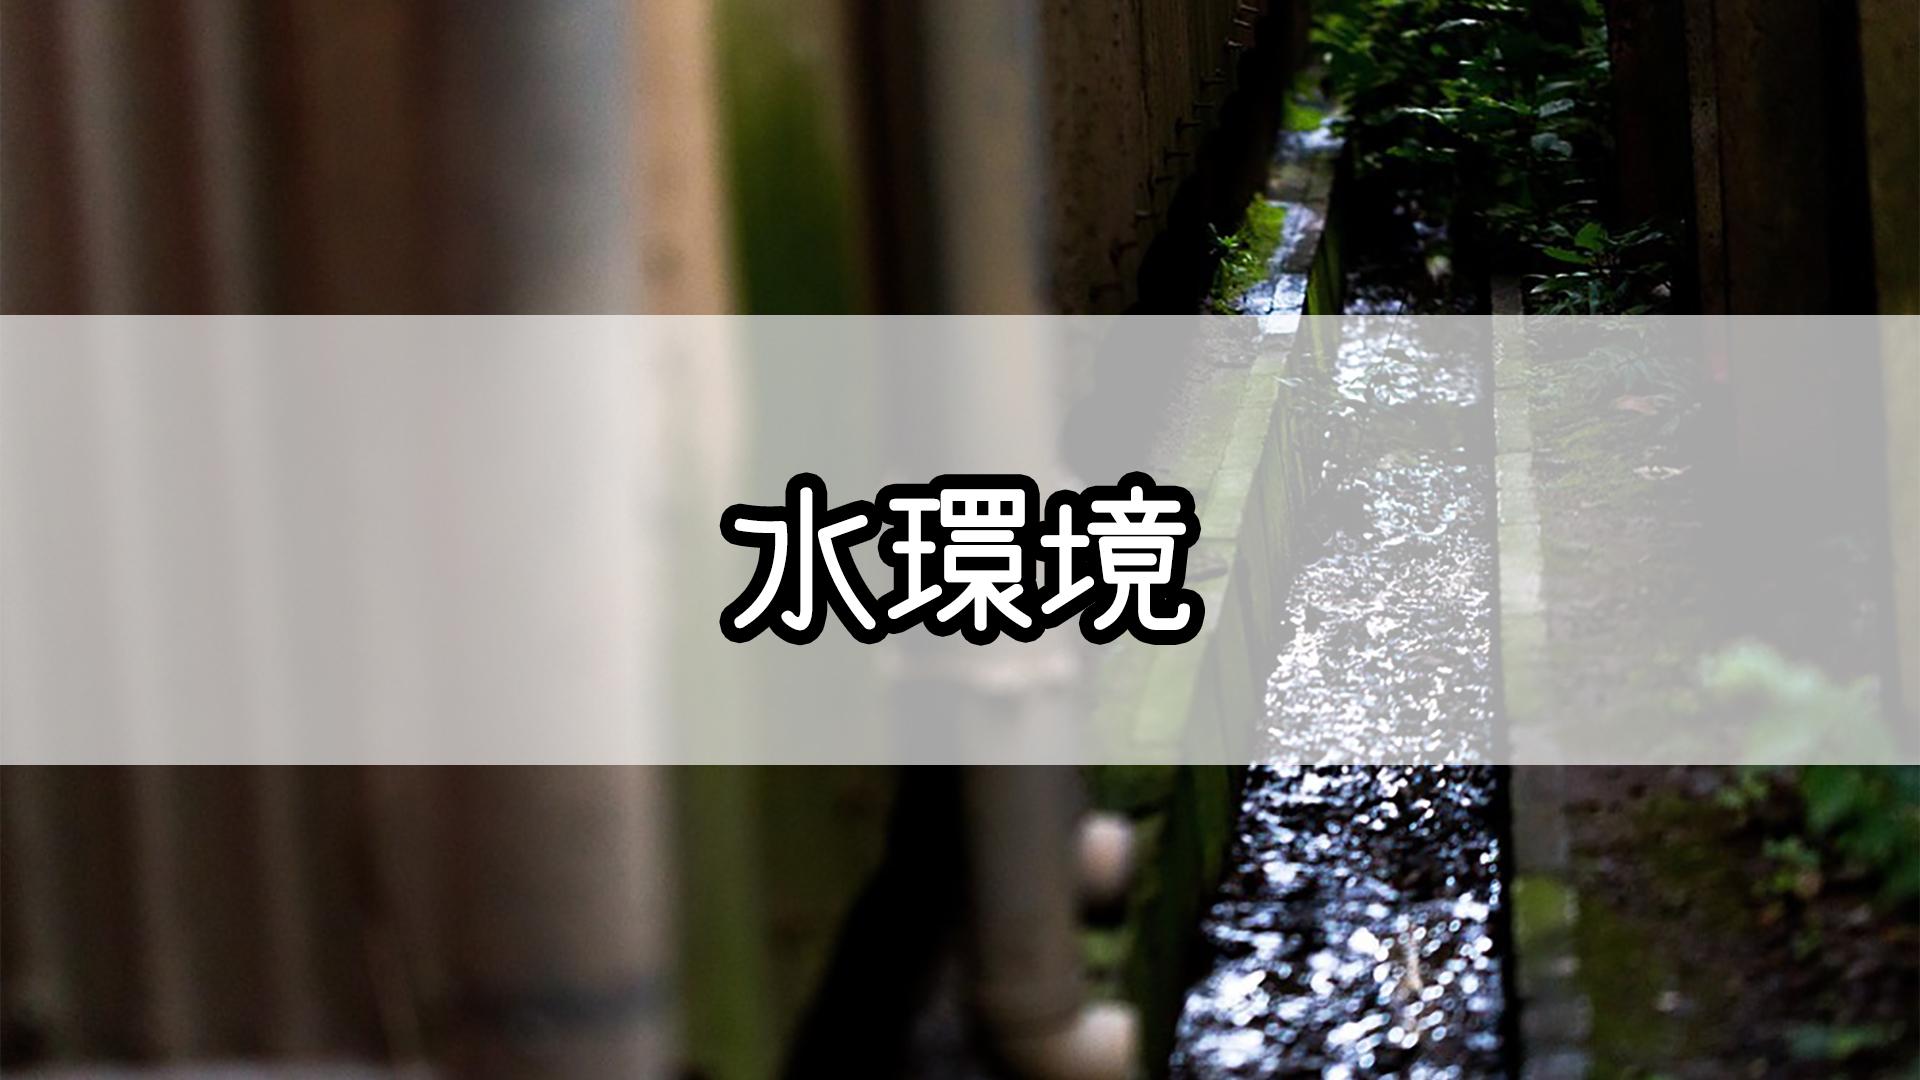 『水環境』のゴロ・覚え方